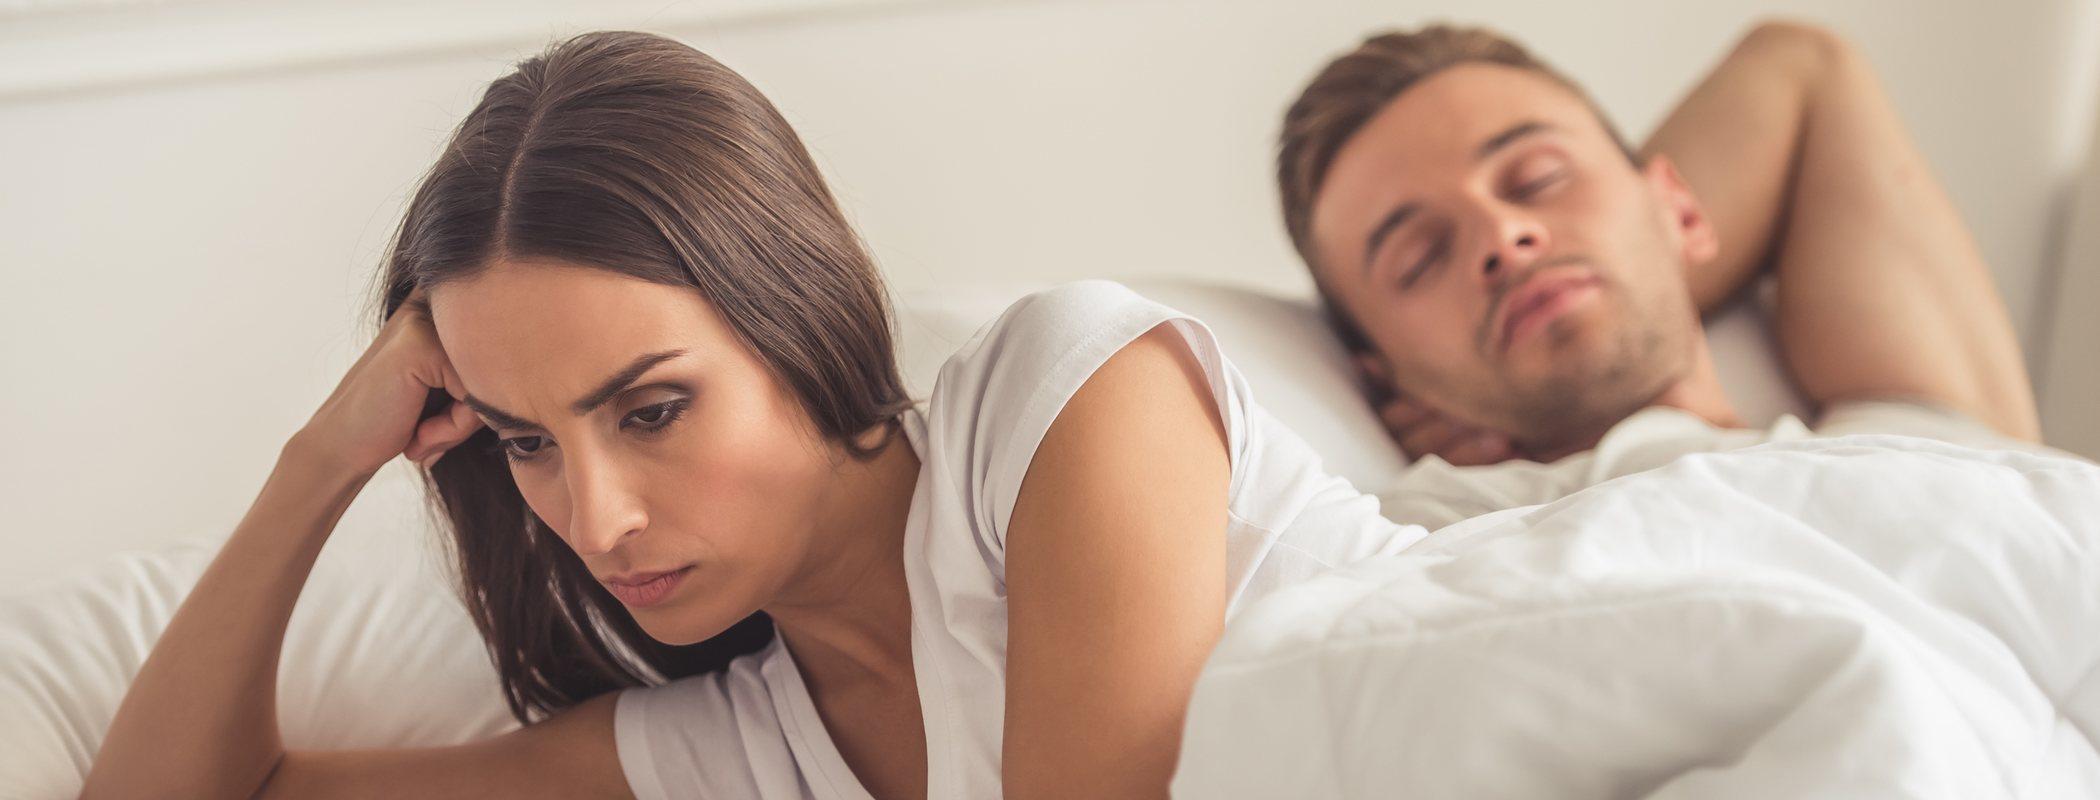 Cómo mejorar la vida sexual en pareja